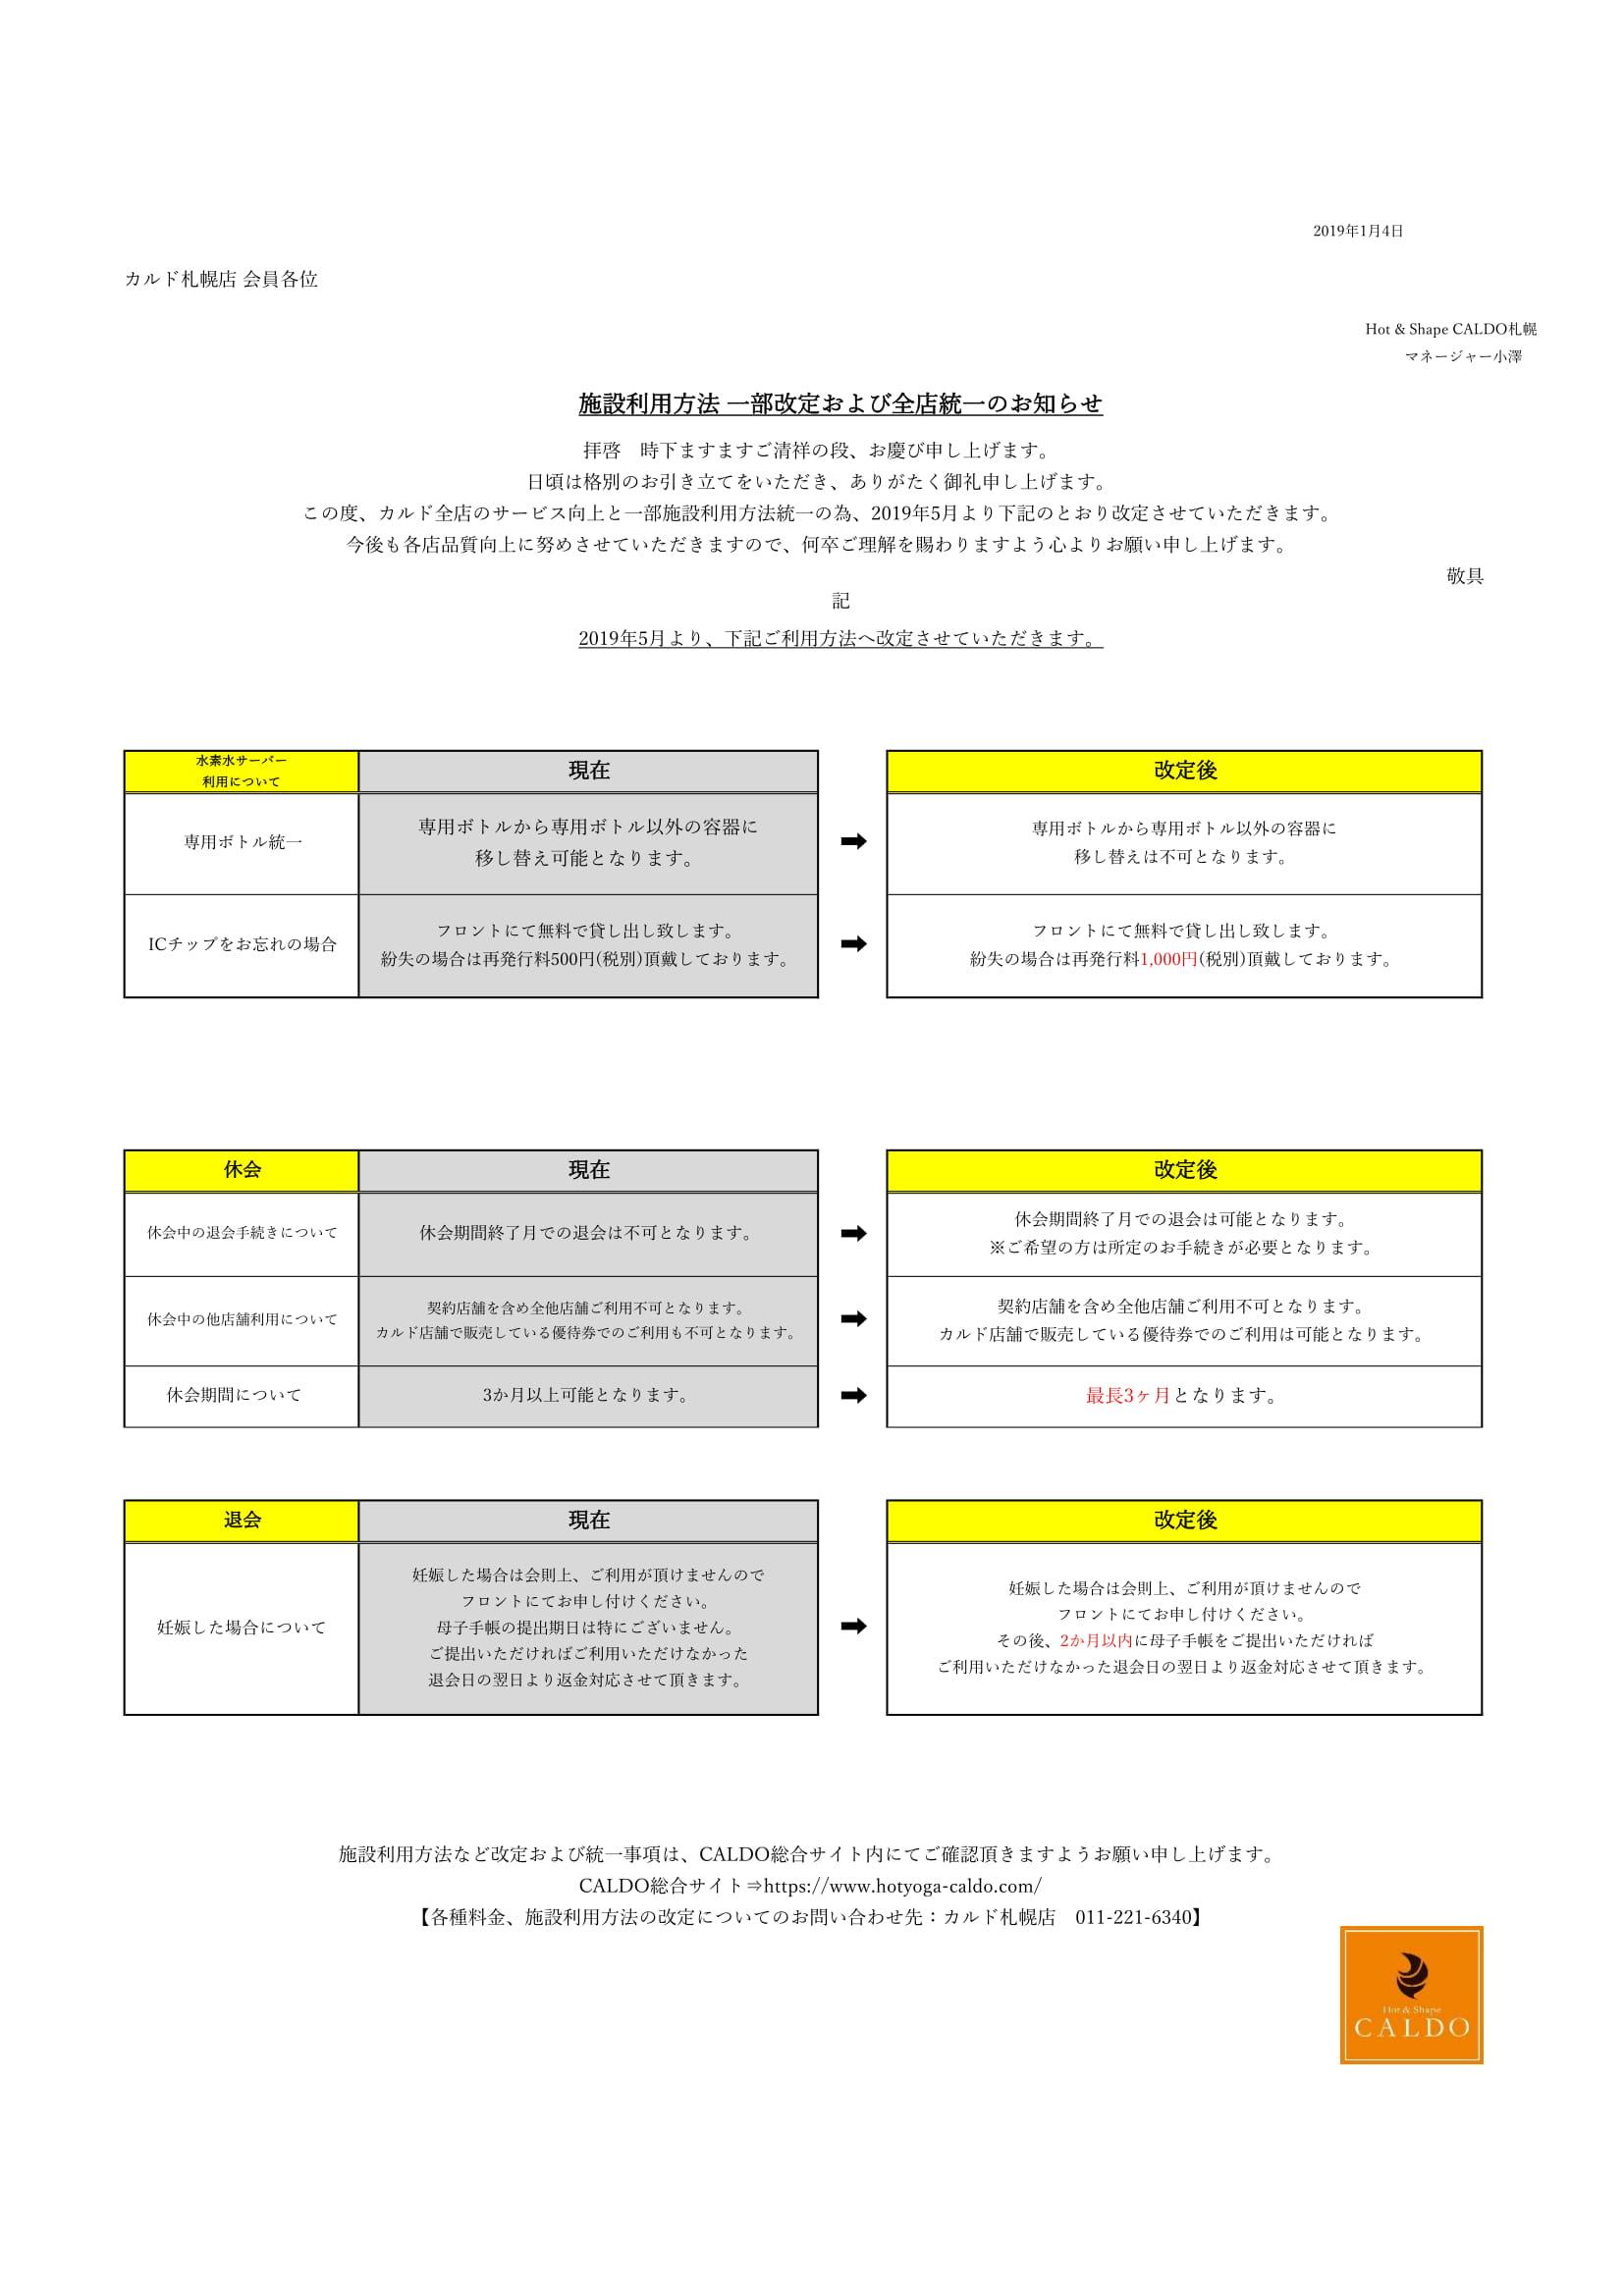 【札幌店】 統一ルールの会員様配布用データ-1